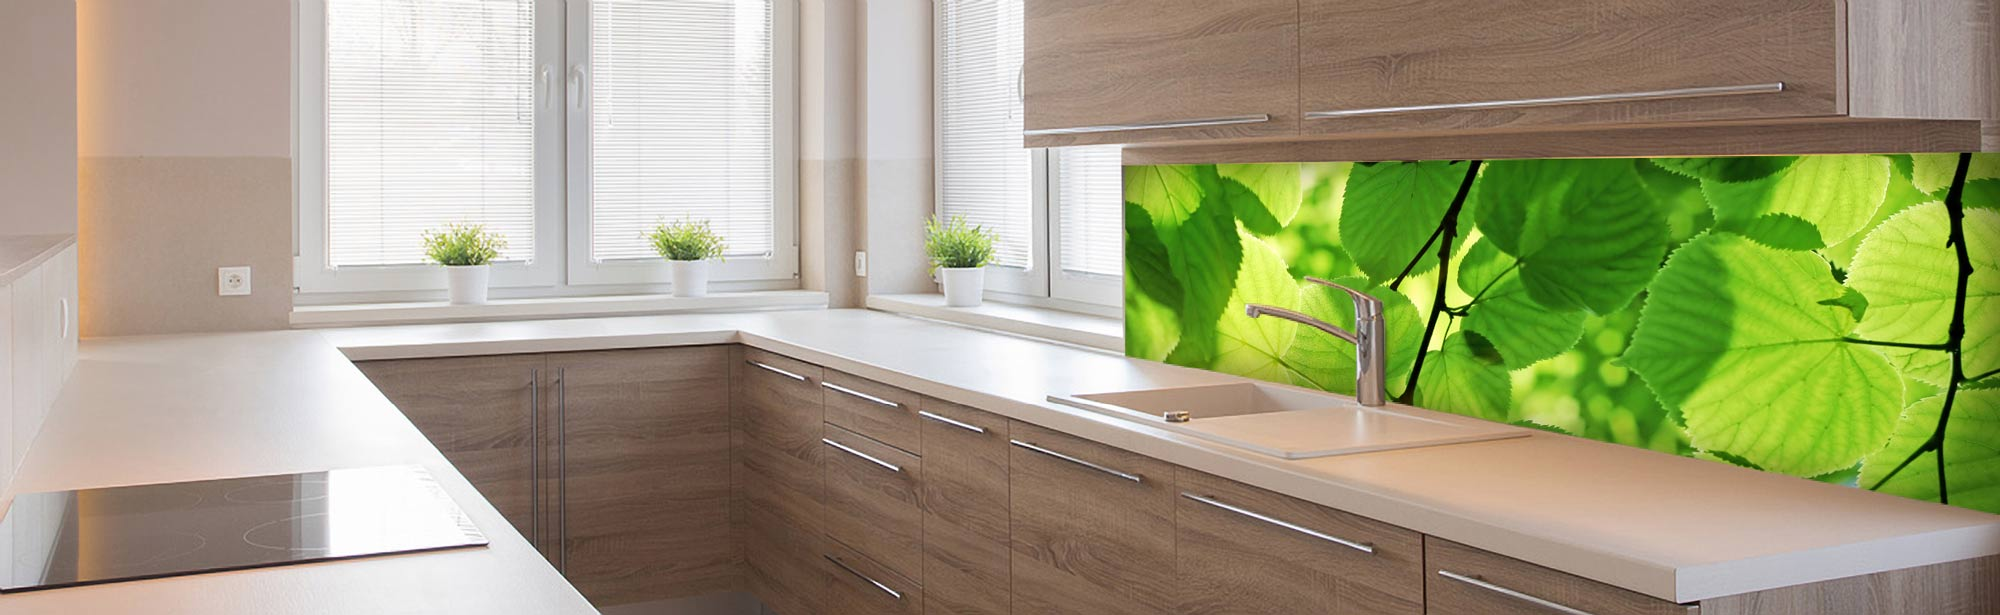 kuchynska zastena - zelene listy